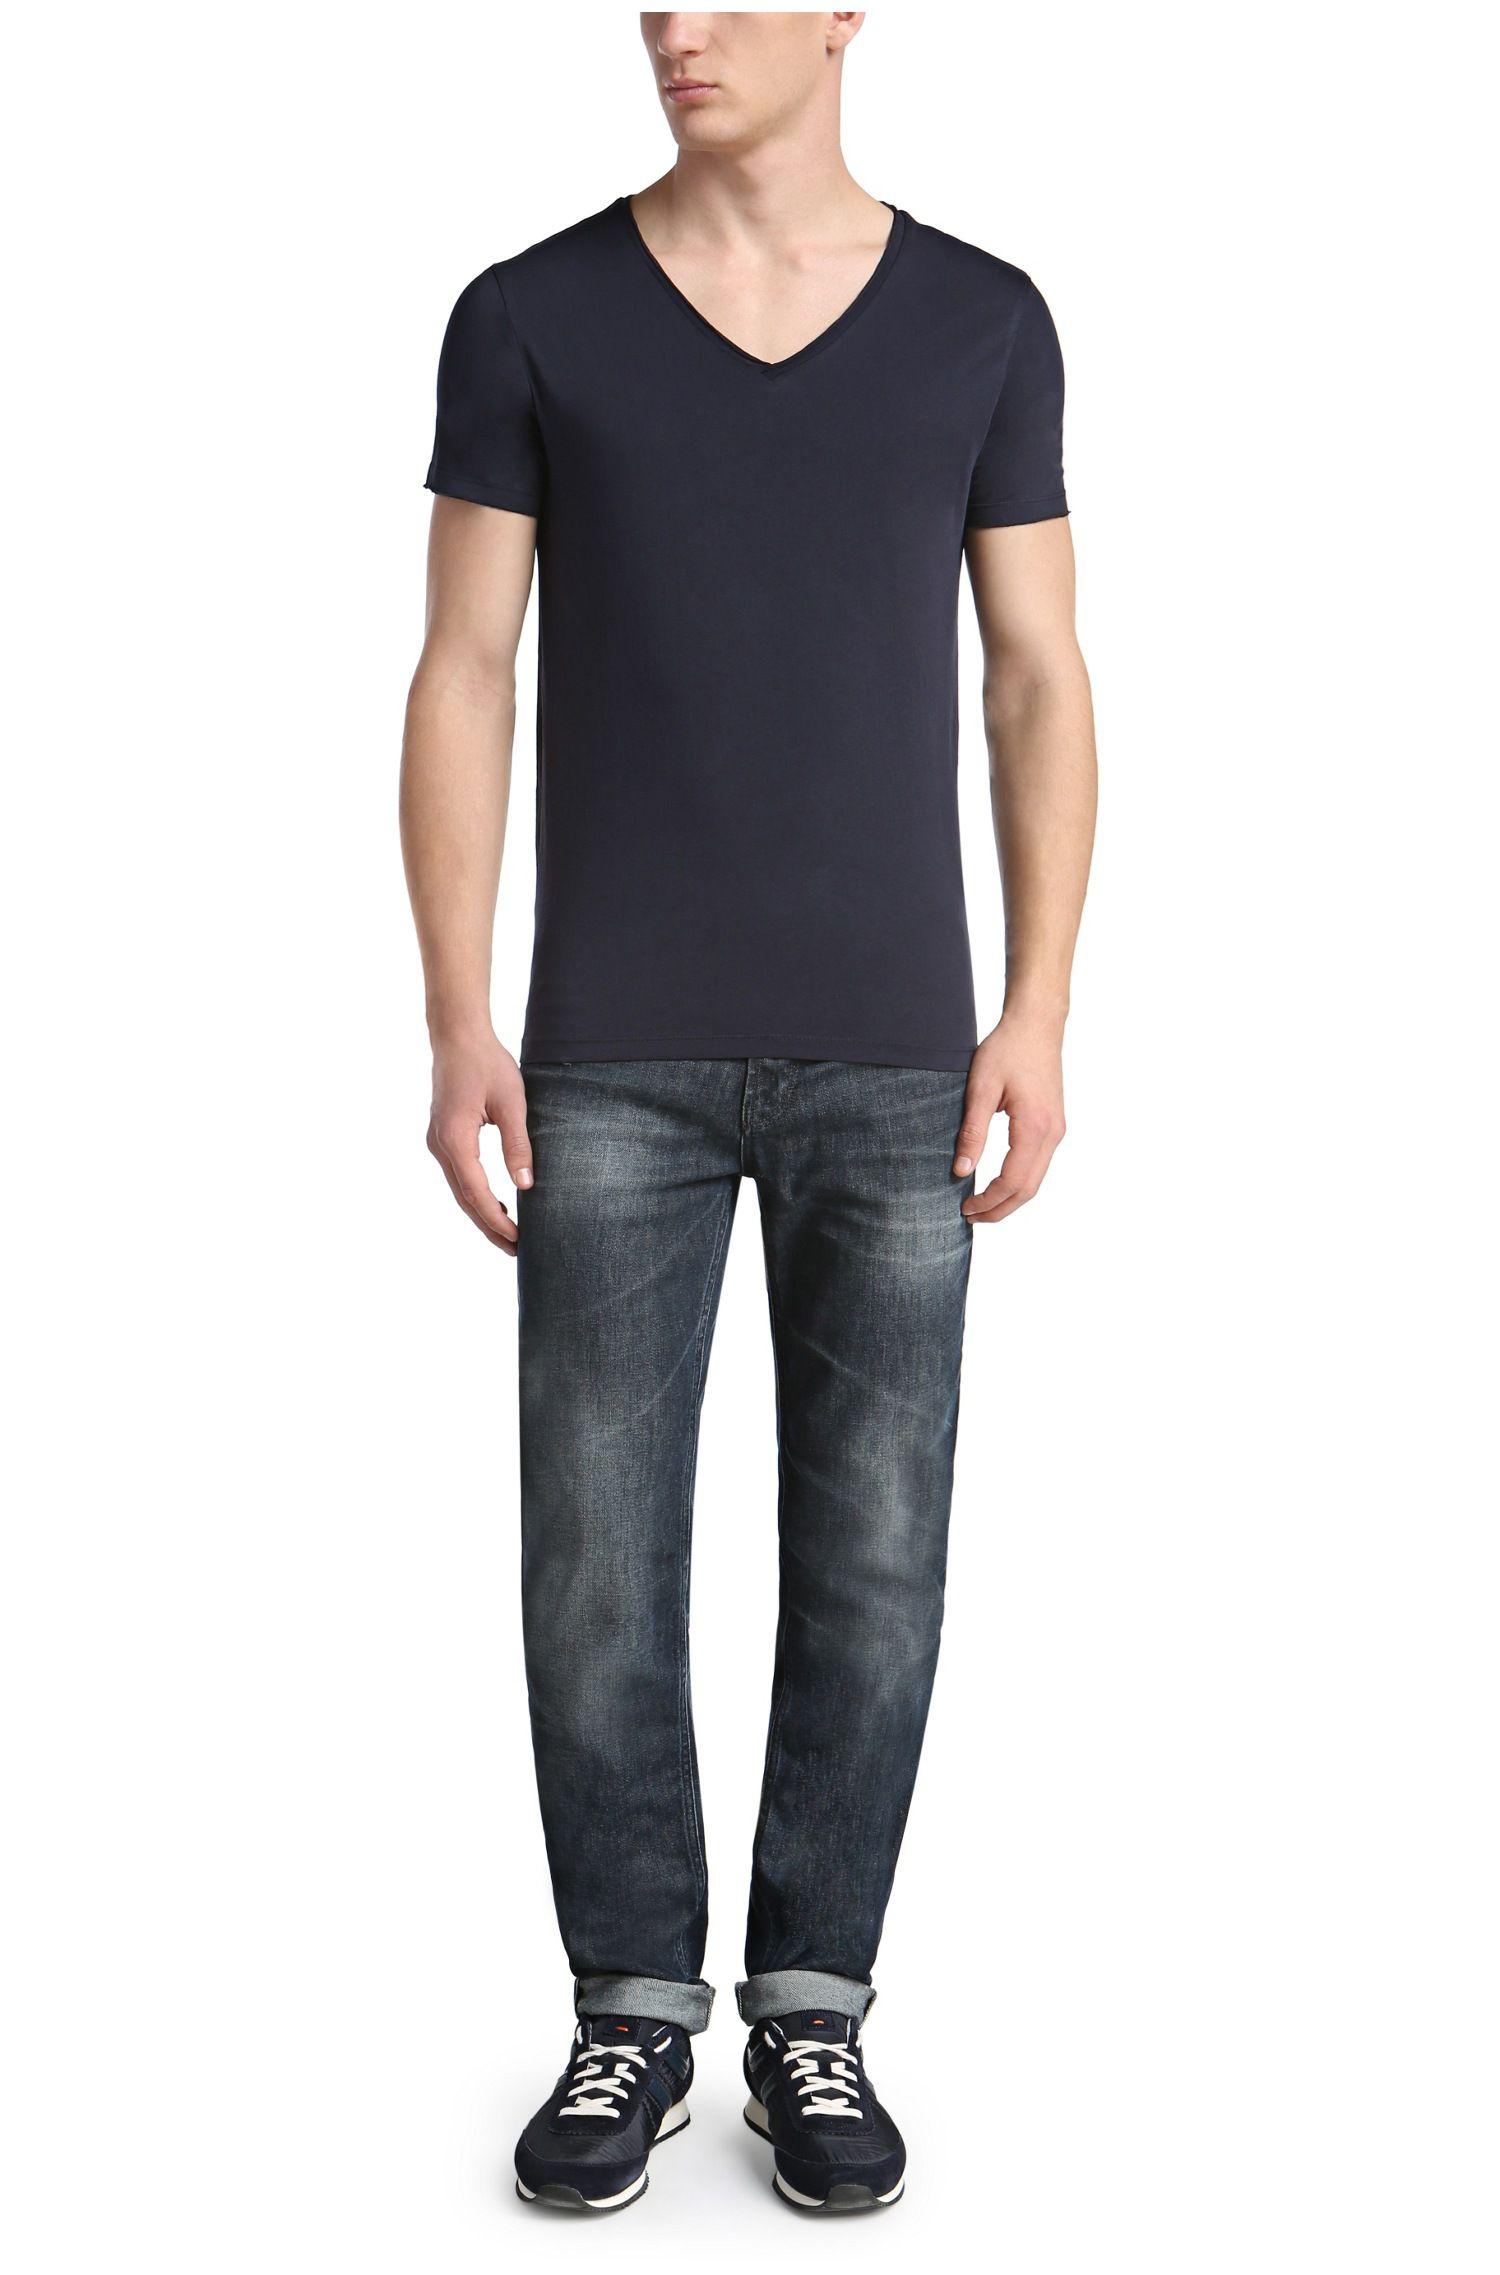 Regular-Fit T-Shirt mit offenkantigem V-Ausschnitt